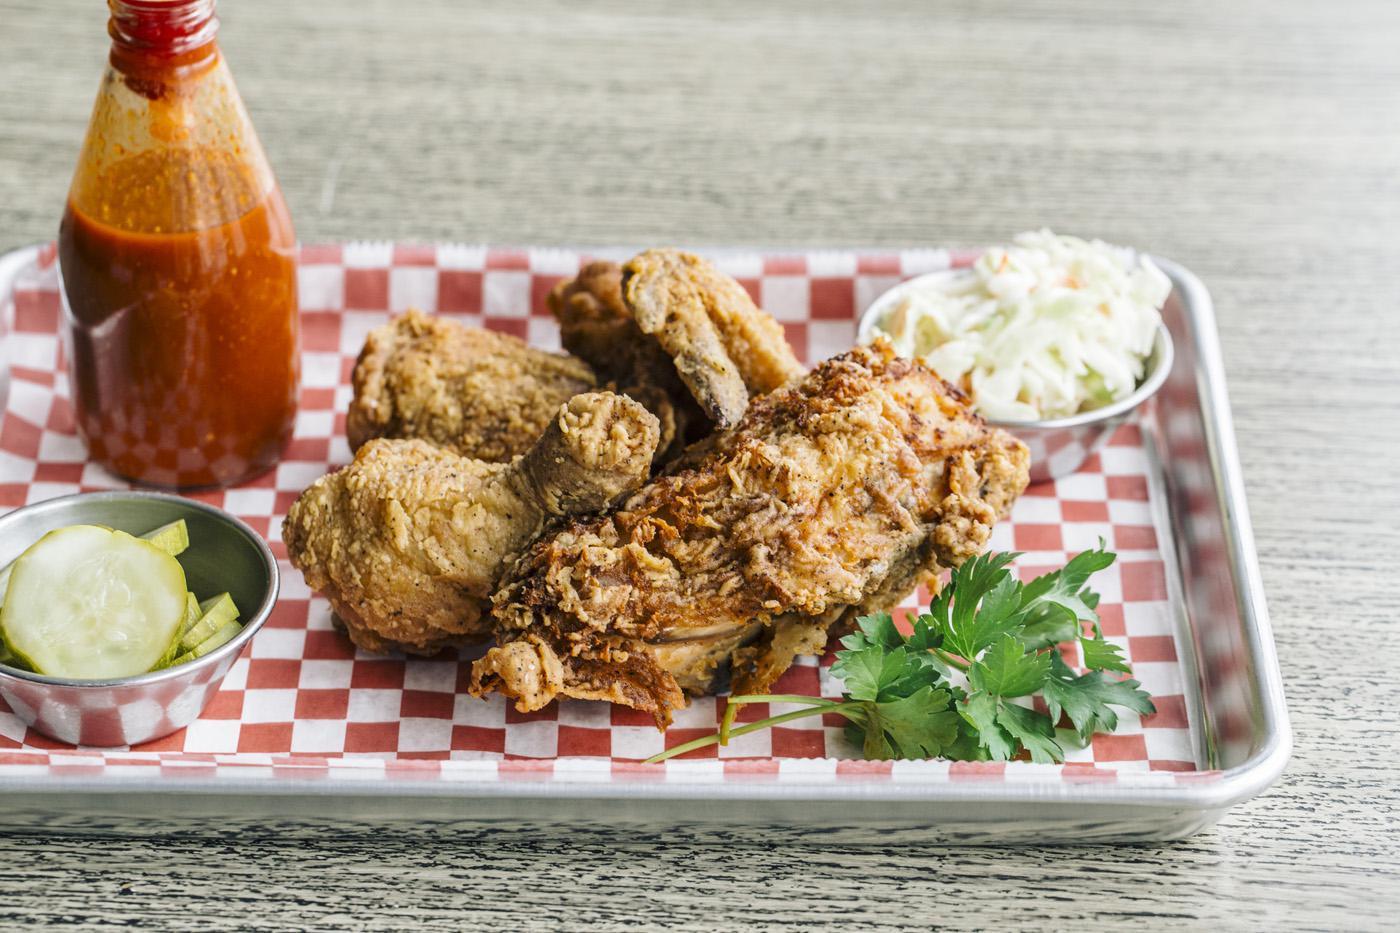 Seaside's Famous Fried Chicken